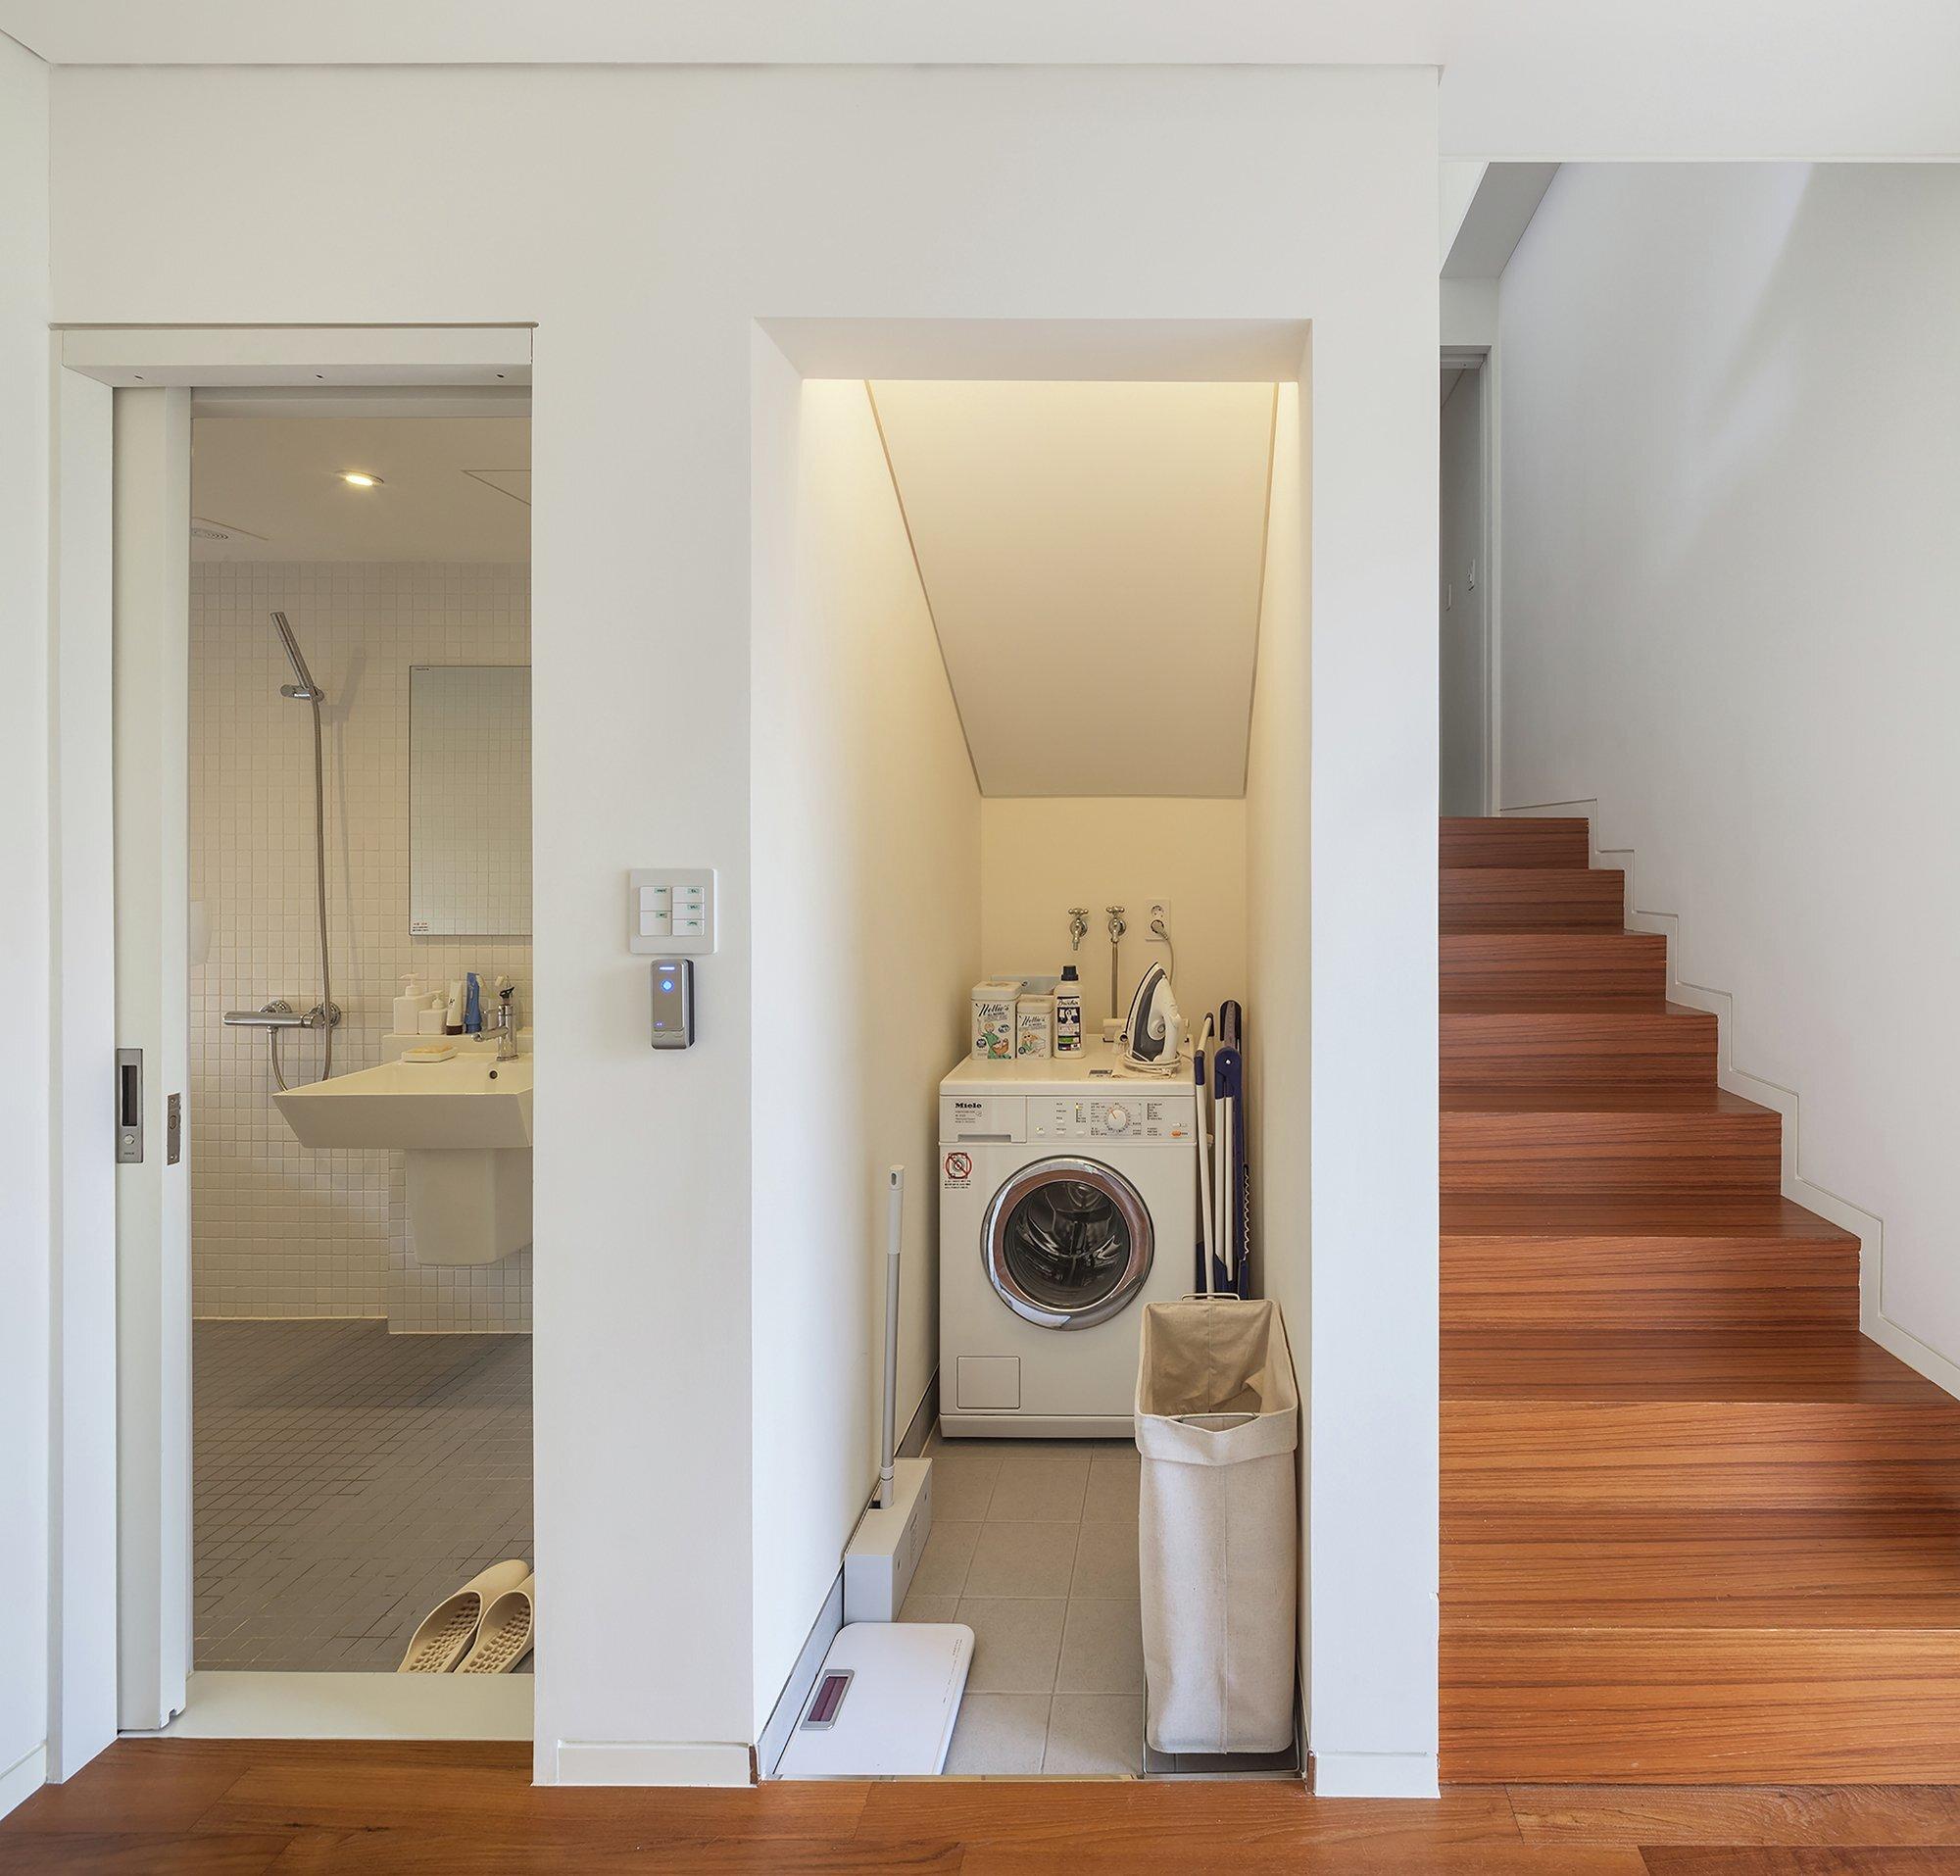 50m2 House - OBBA - Seoul - Hallway and Bathroom - Humble Homes